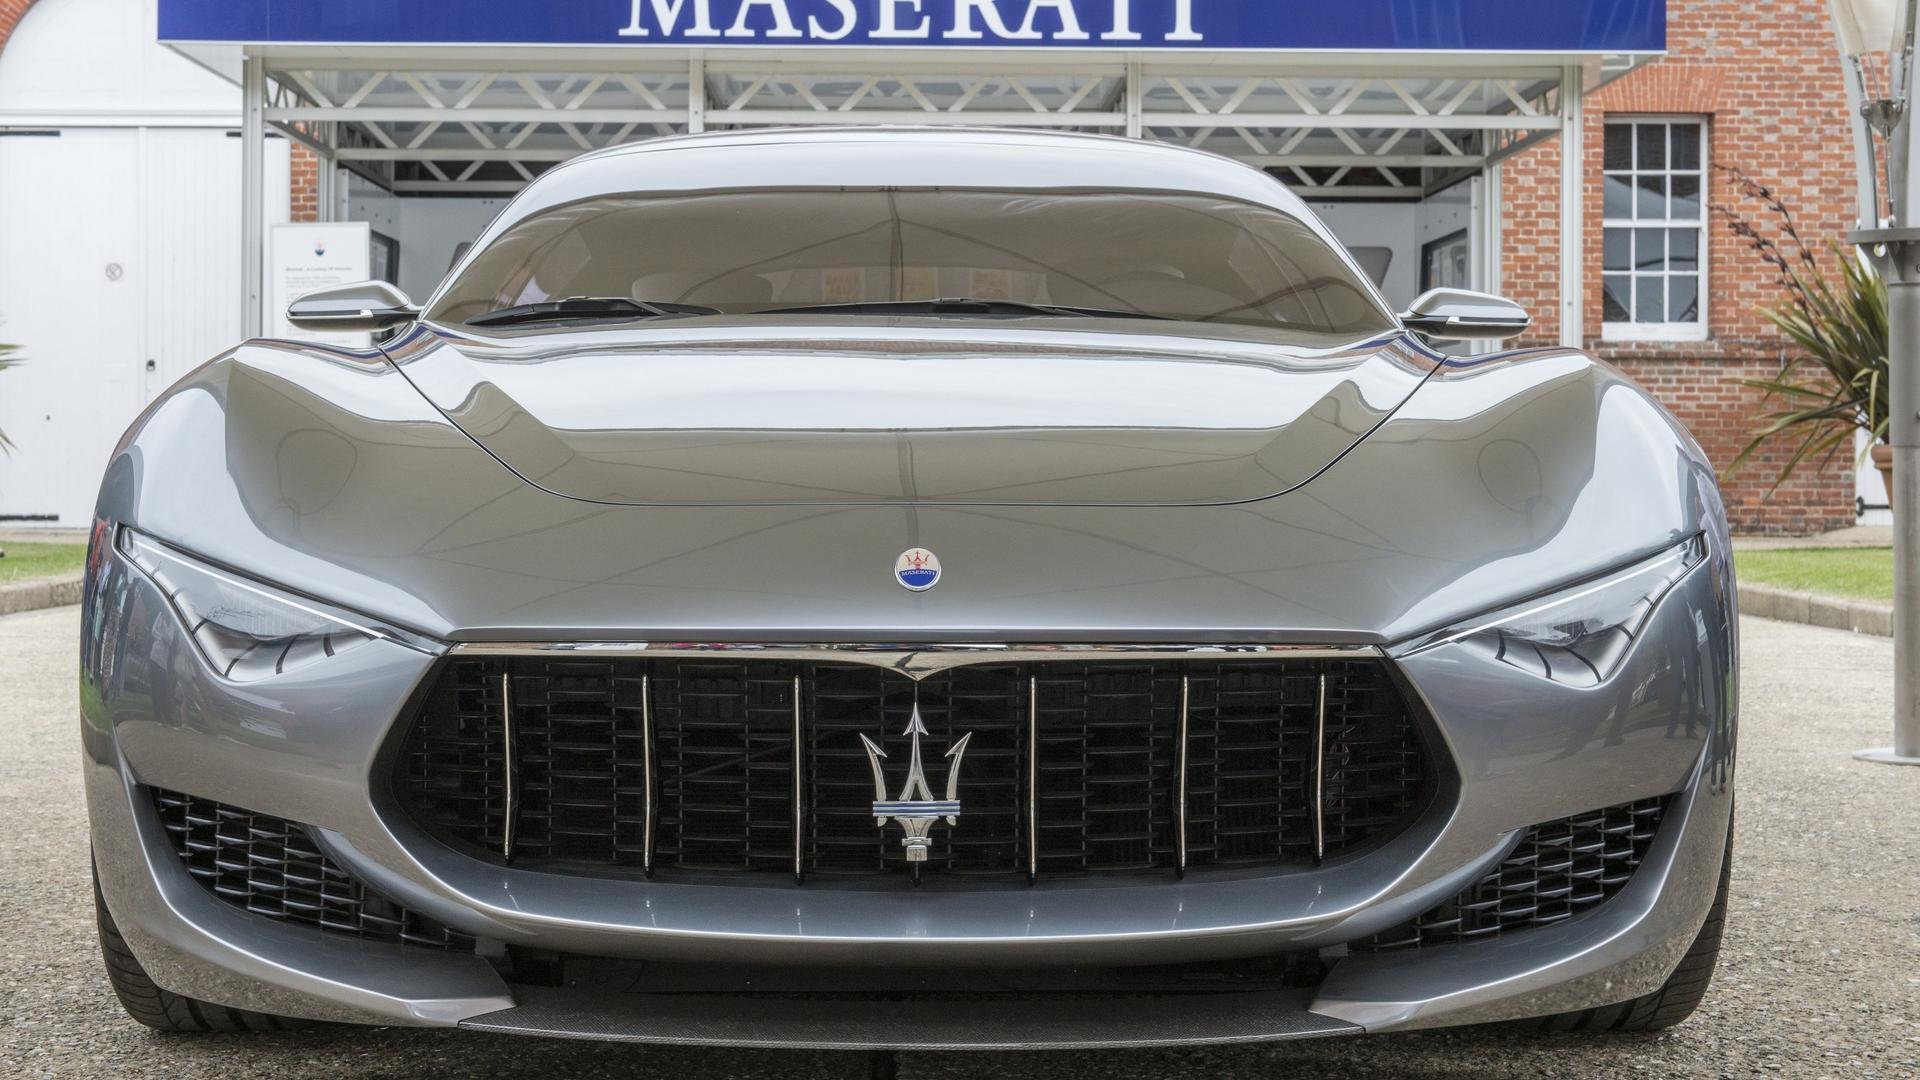 Серийную Maserati Alfieri покажут в Женеве в 2020 году 1